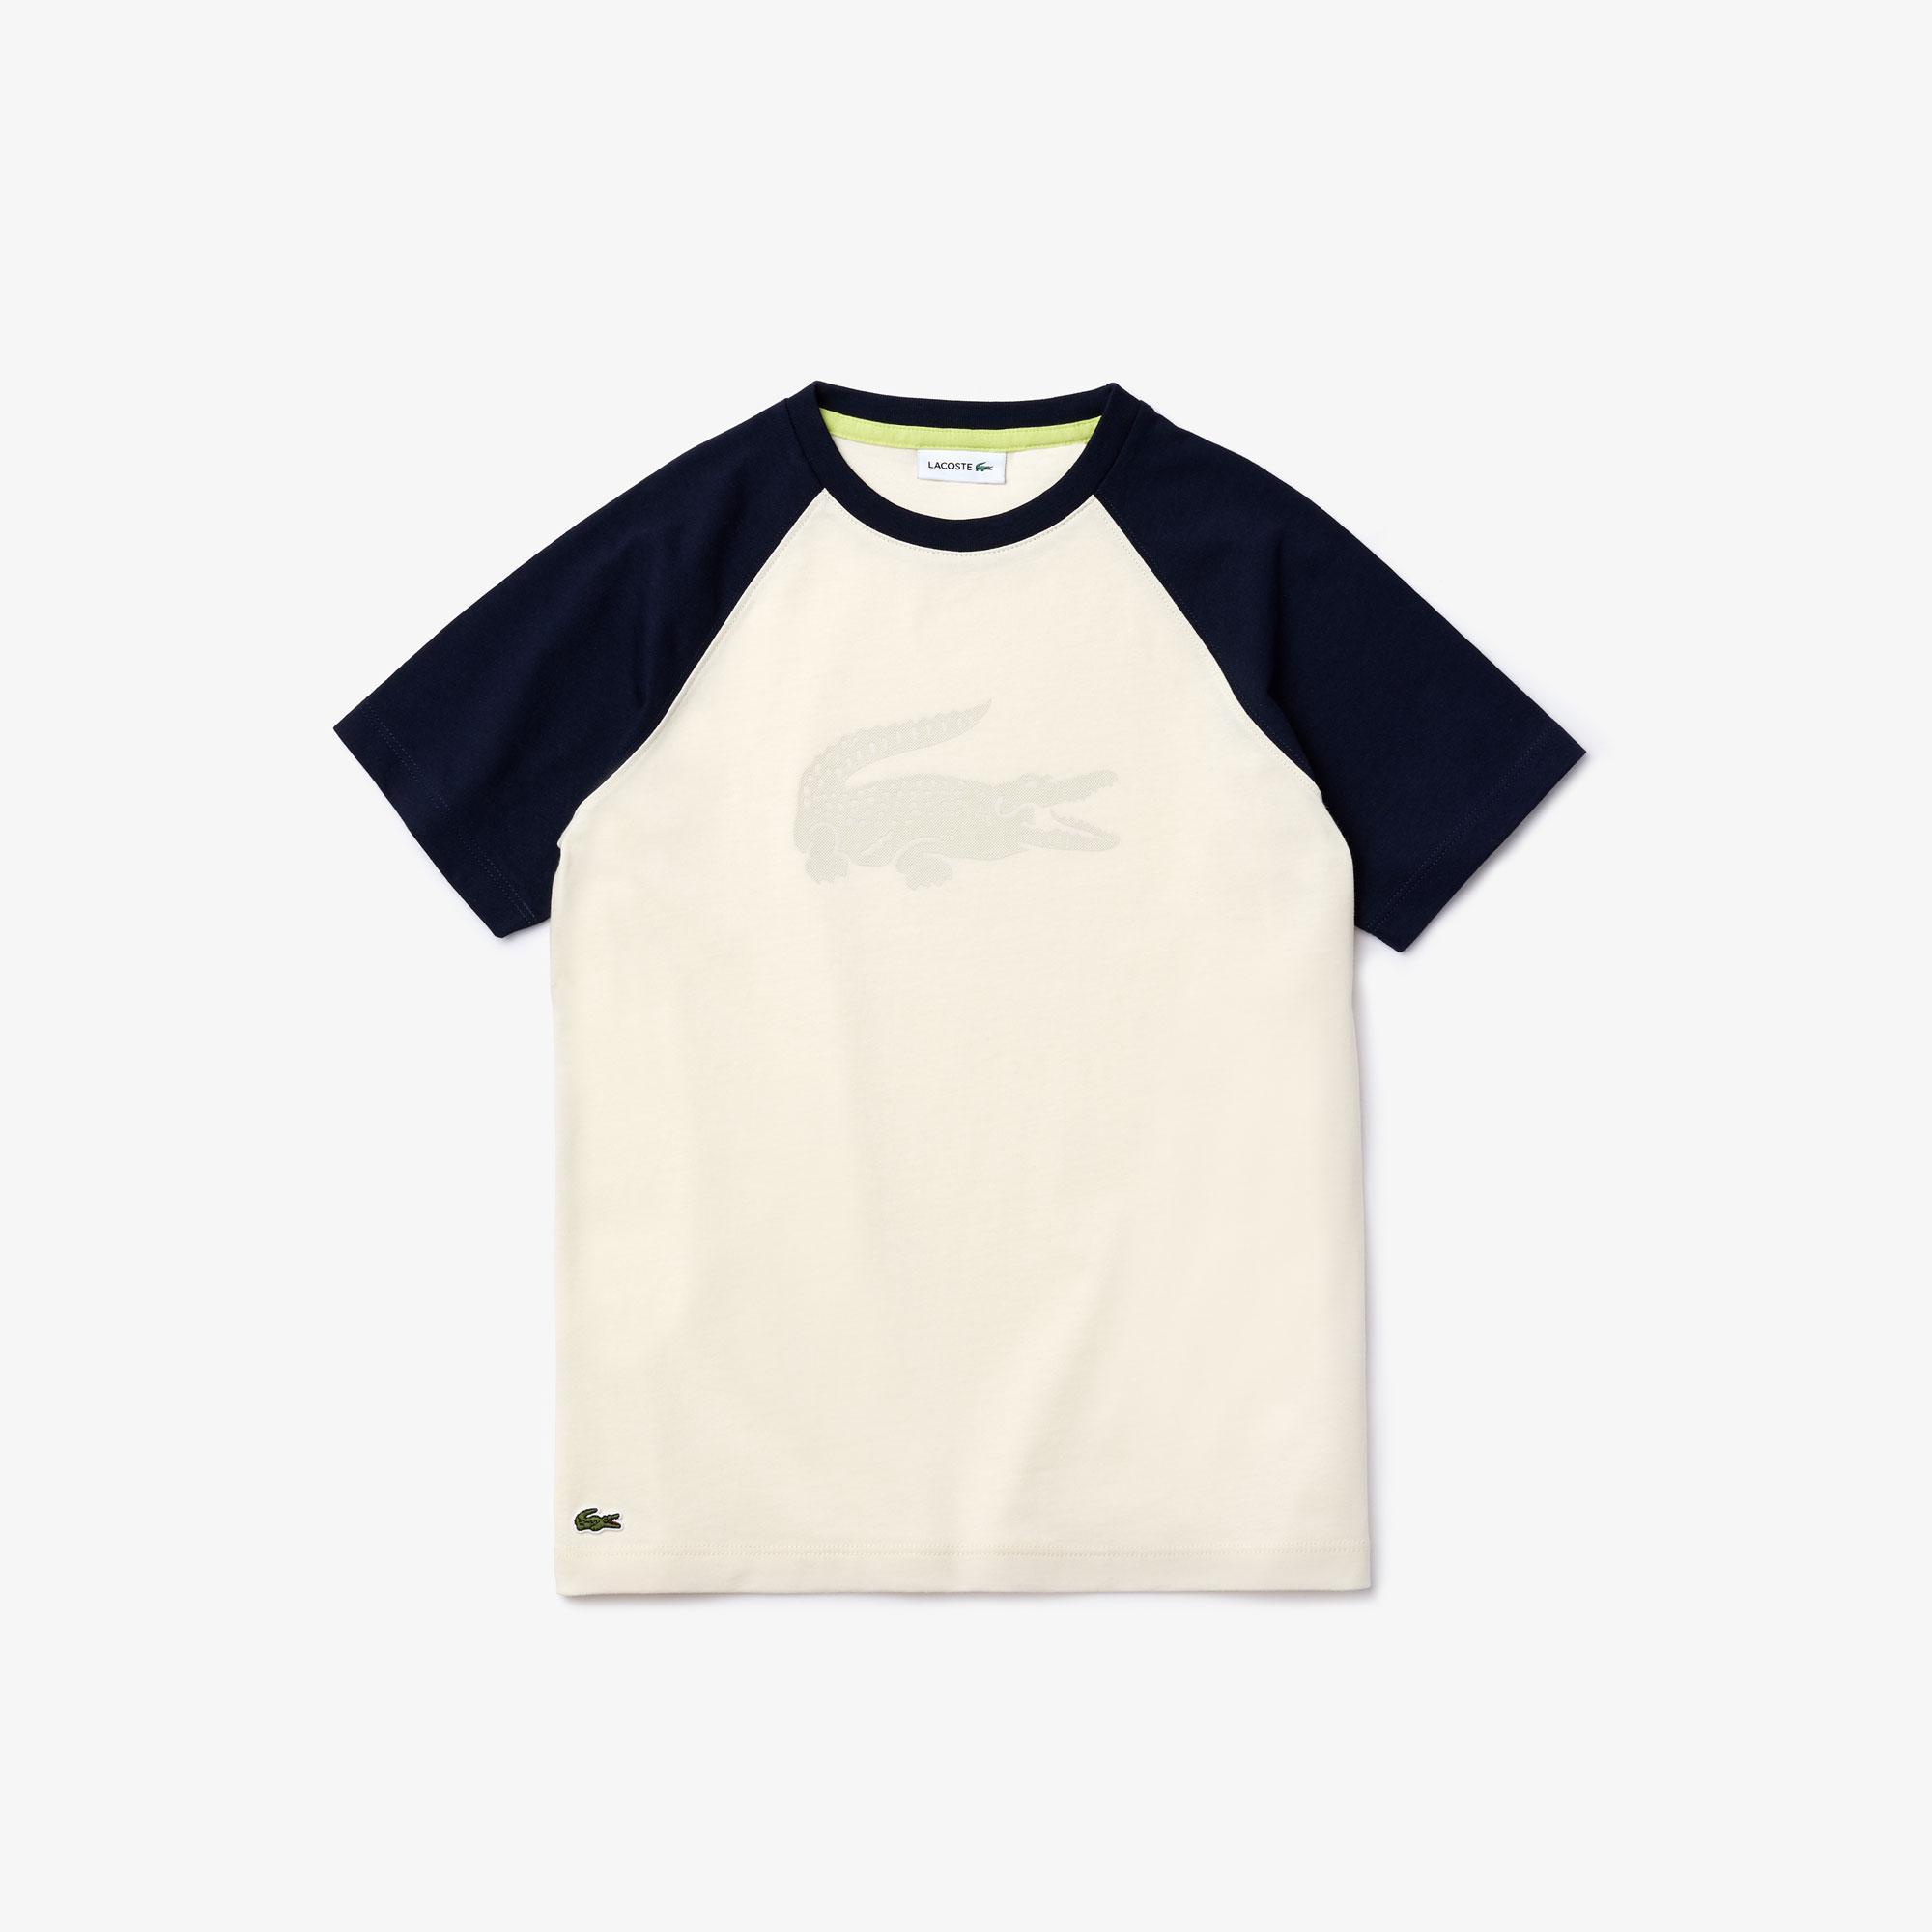 Lacoste Boy's Crocodile Print Bicolour Cotton T-Shirt